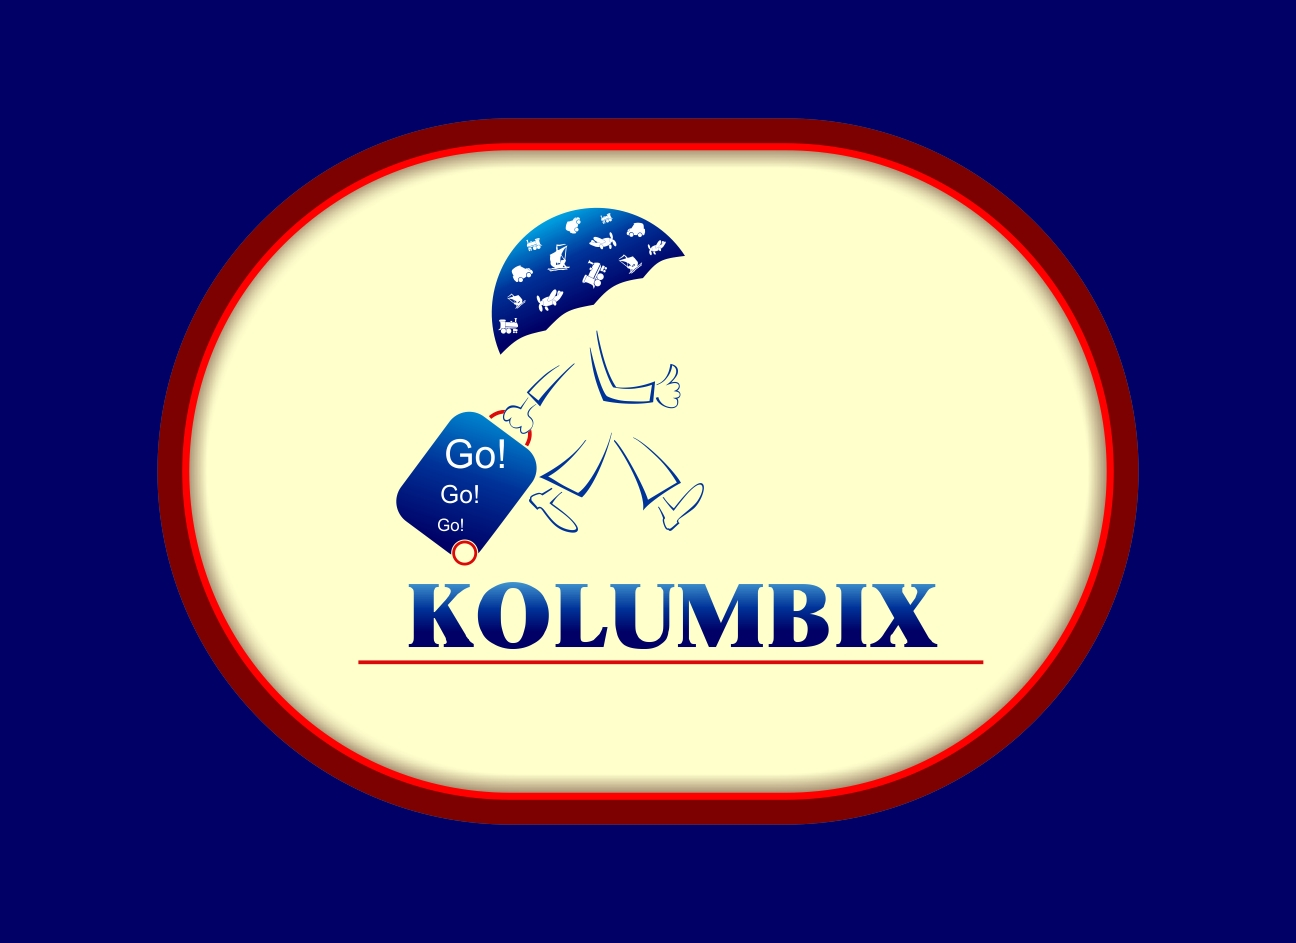 Создание логотипа для туристической фирмы Kolumbix фото f_4fb8d7ea6116e.jpg